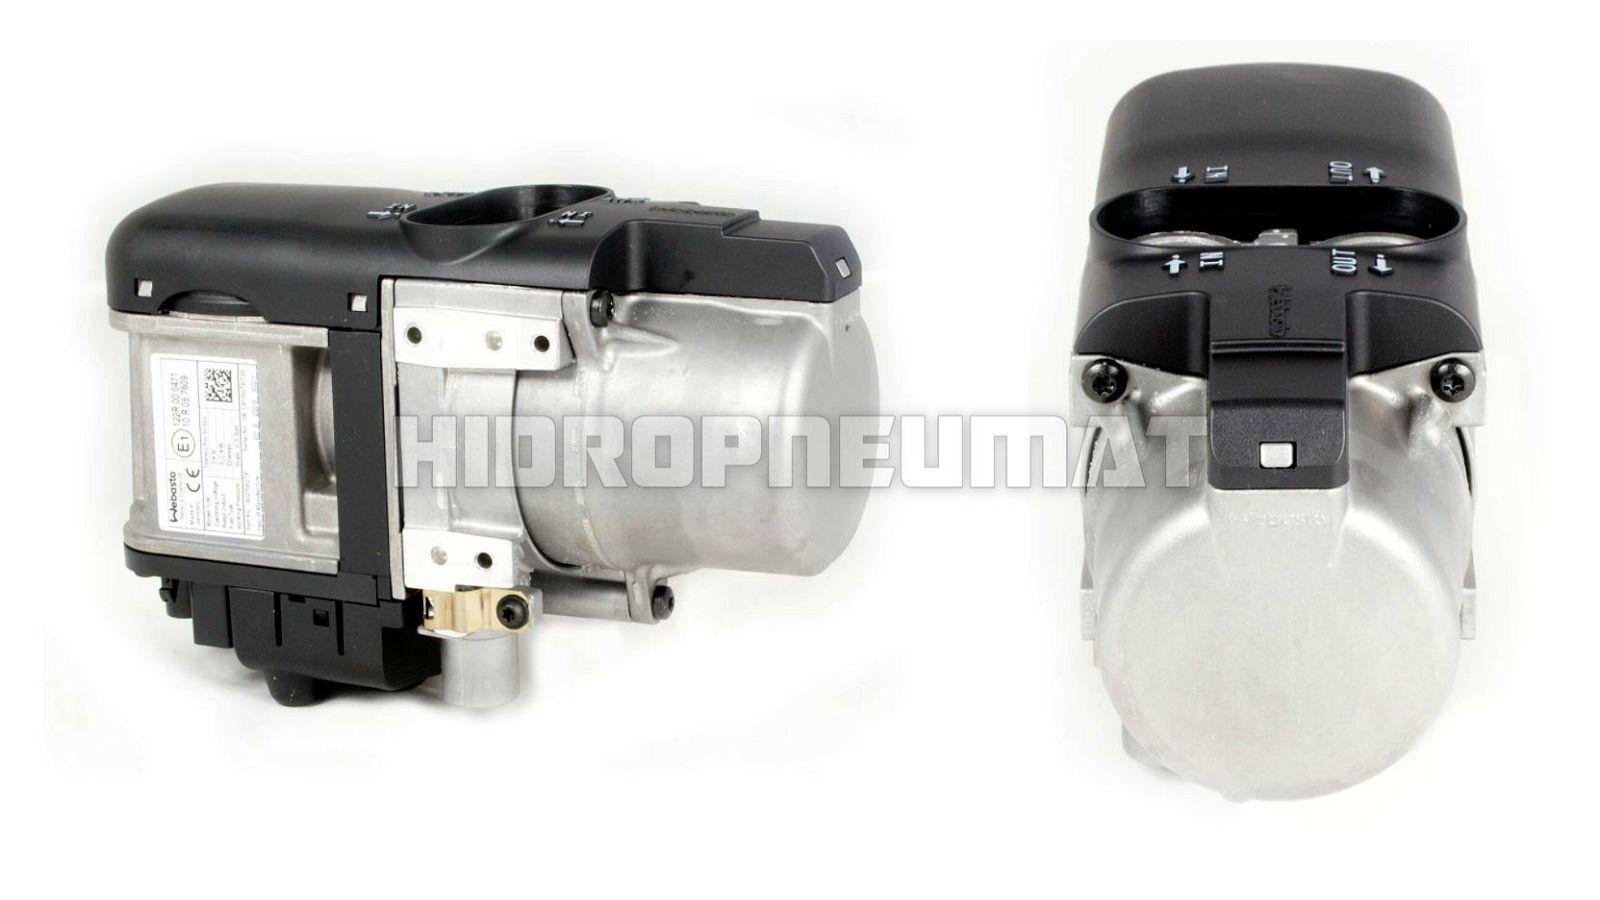 grijac-webasto-thermo-pro-50-eco-diesel-24v-5kw-125415_1.jpg